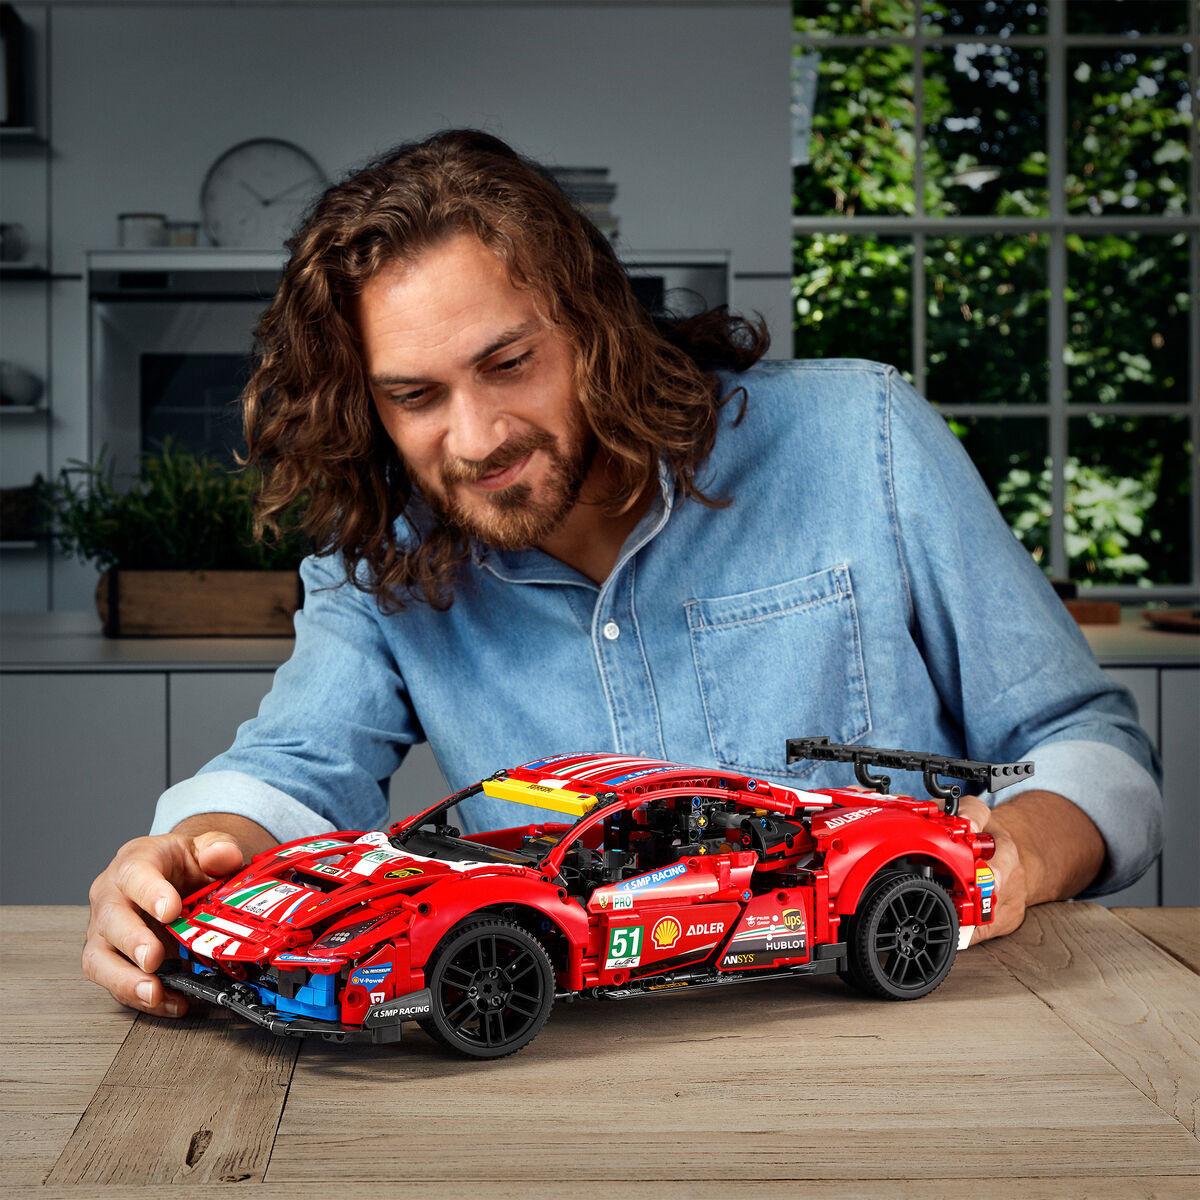 沉浸于激动人心的汽车耐力赛 Lego乐高法拉利赛车42125